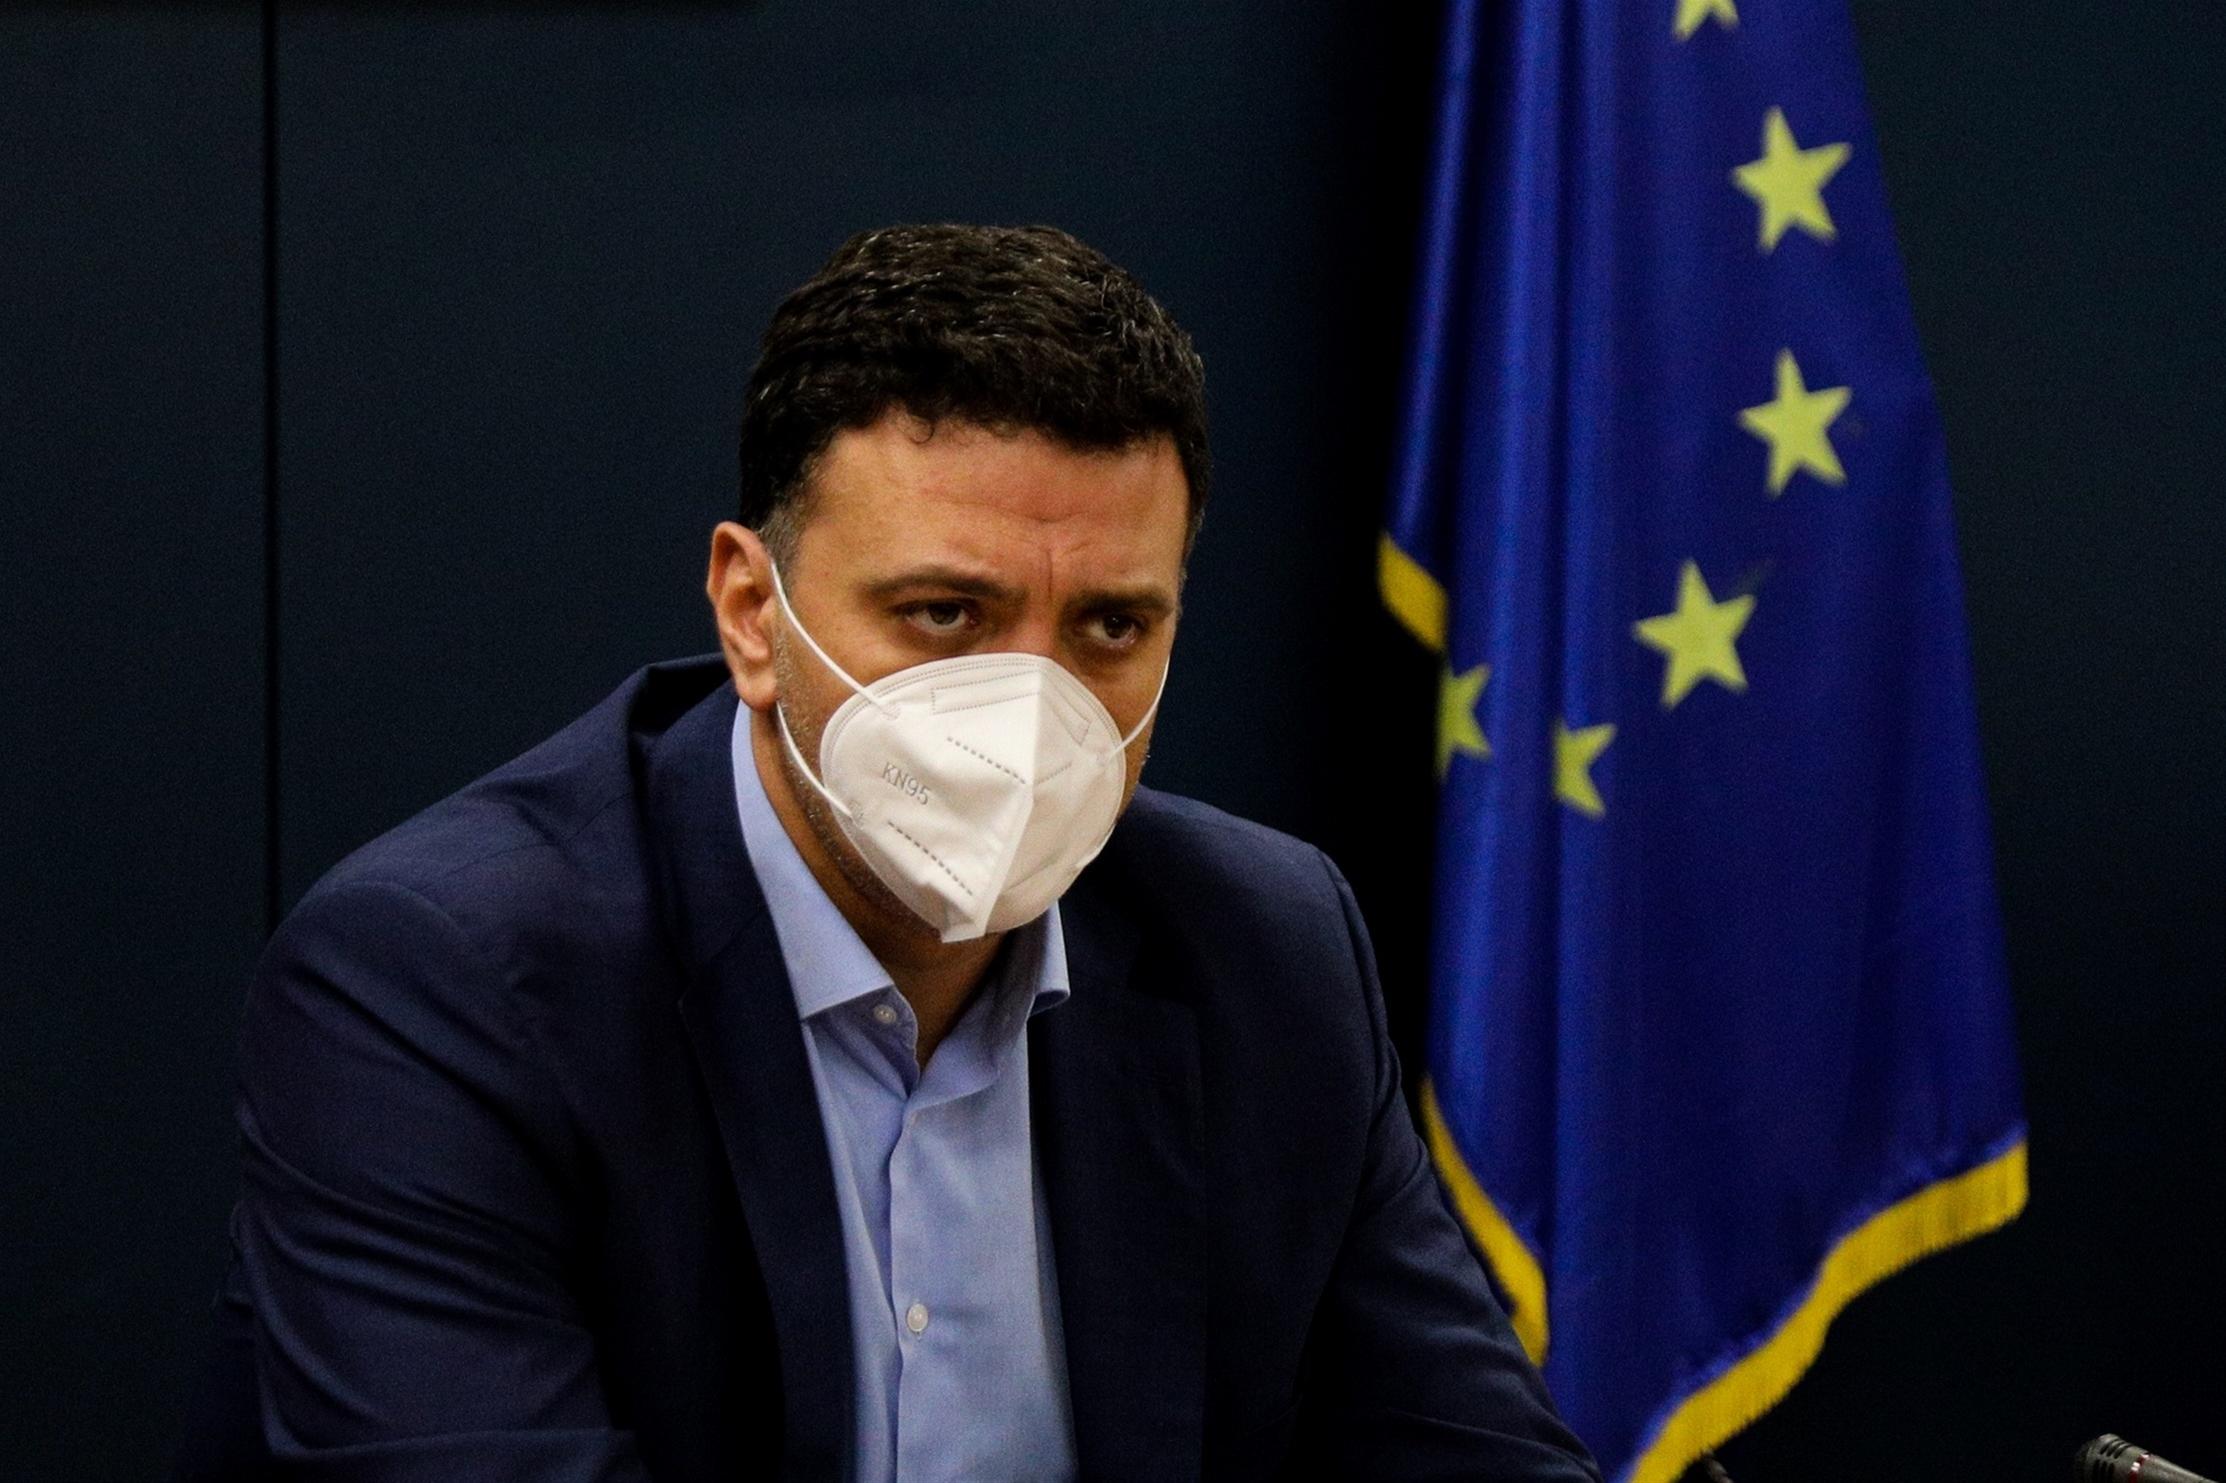 Κικίλιας Κυστική Ίνωση: Ο Υπουργός στοχεύει πέραν του φαρμάκου και στις μεταμοσχεύσεις πνευμόνων